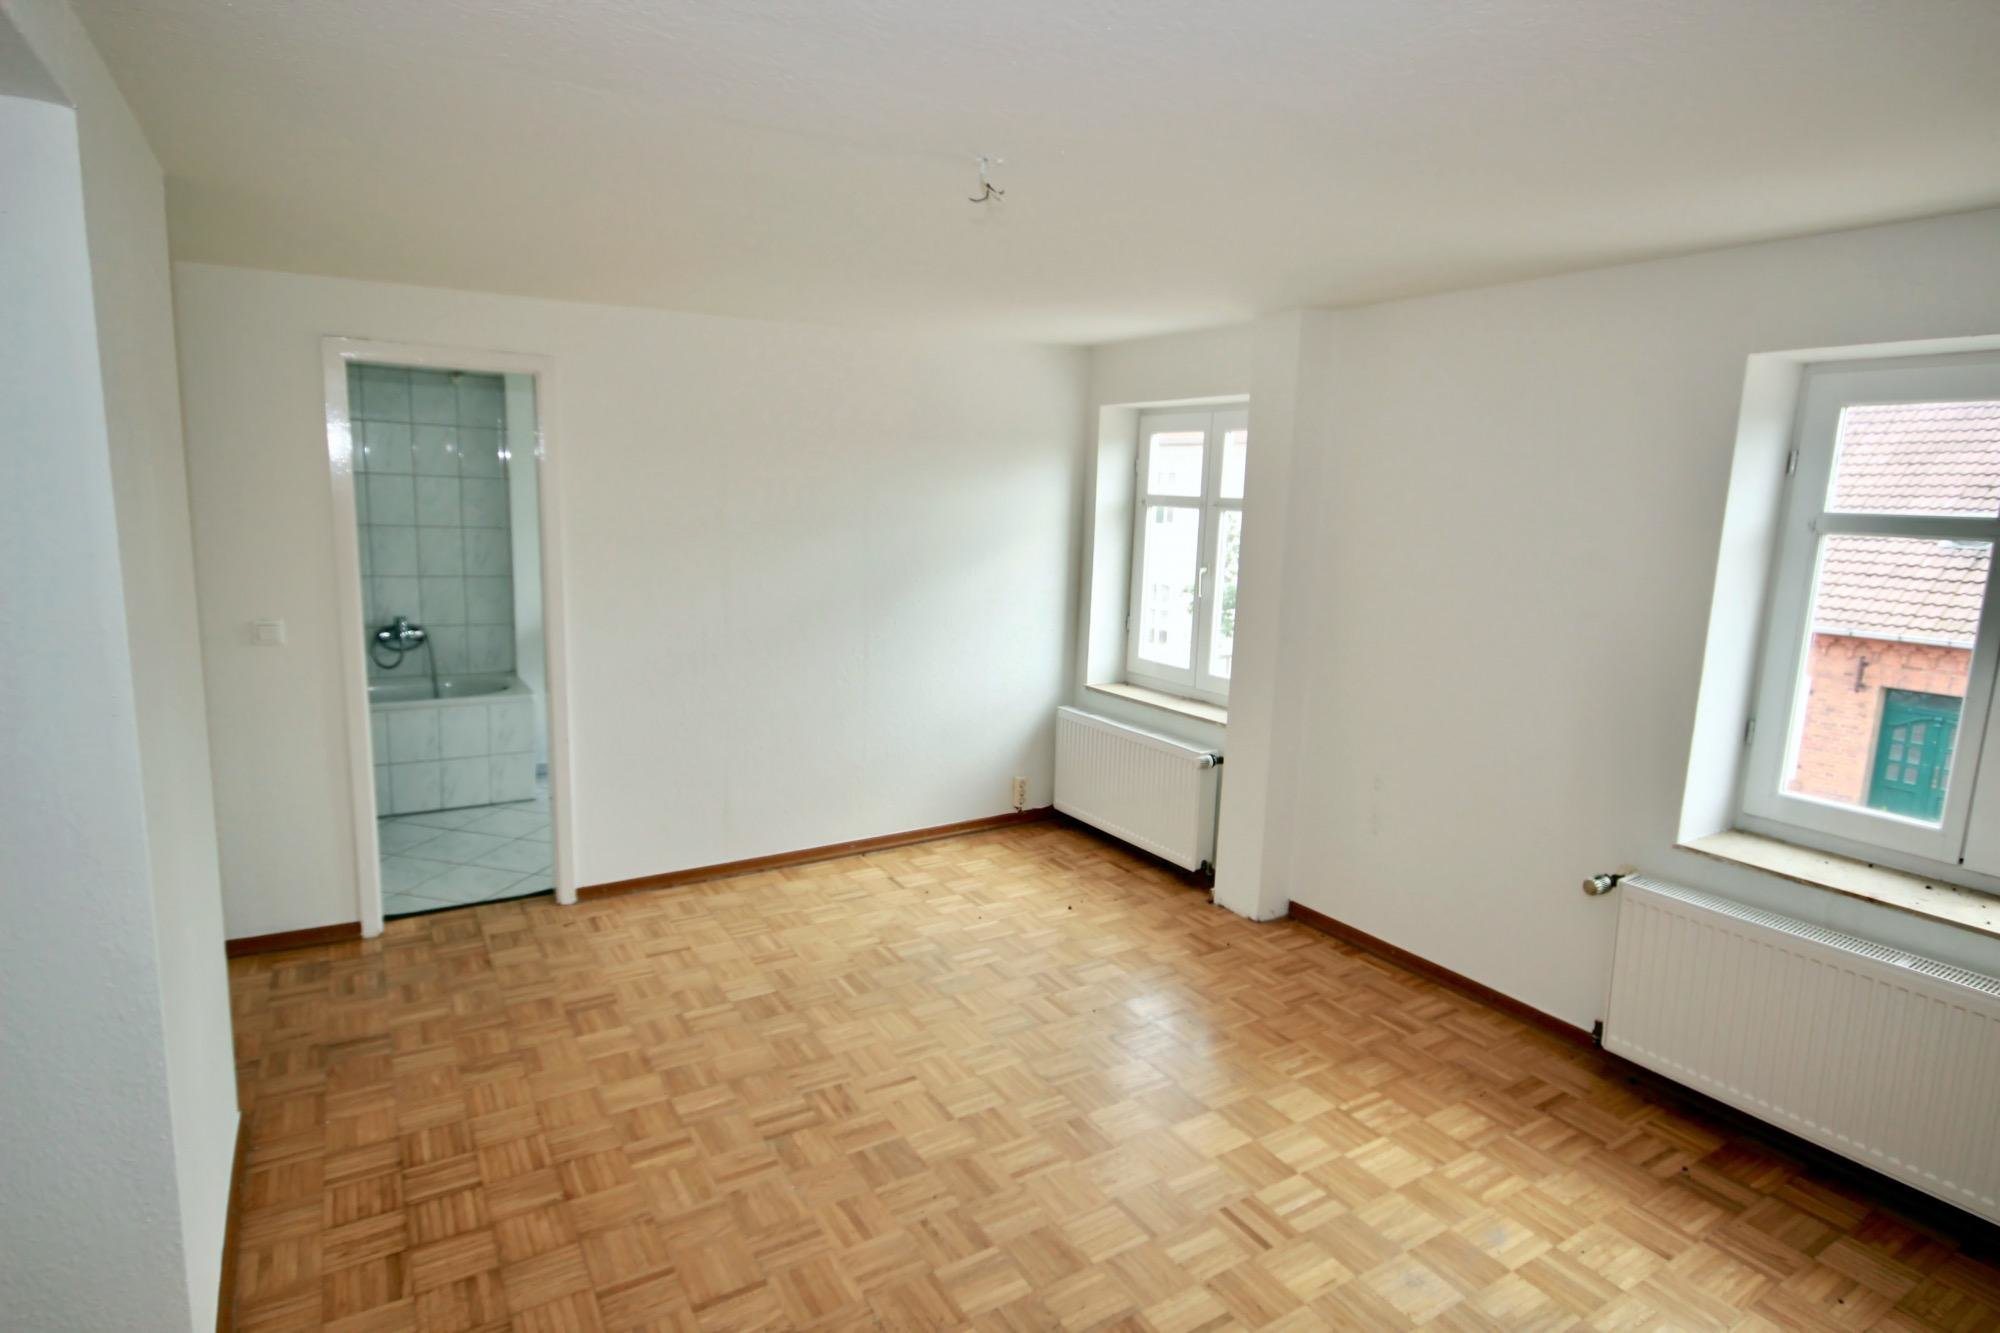 Zimmer im 1. Obergeschoss